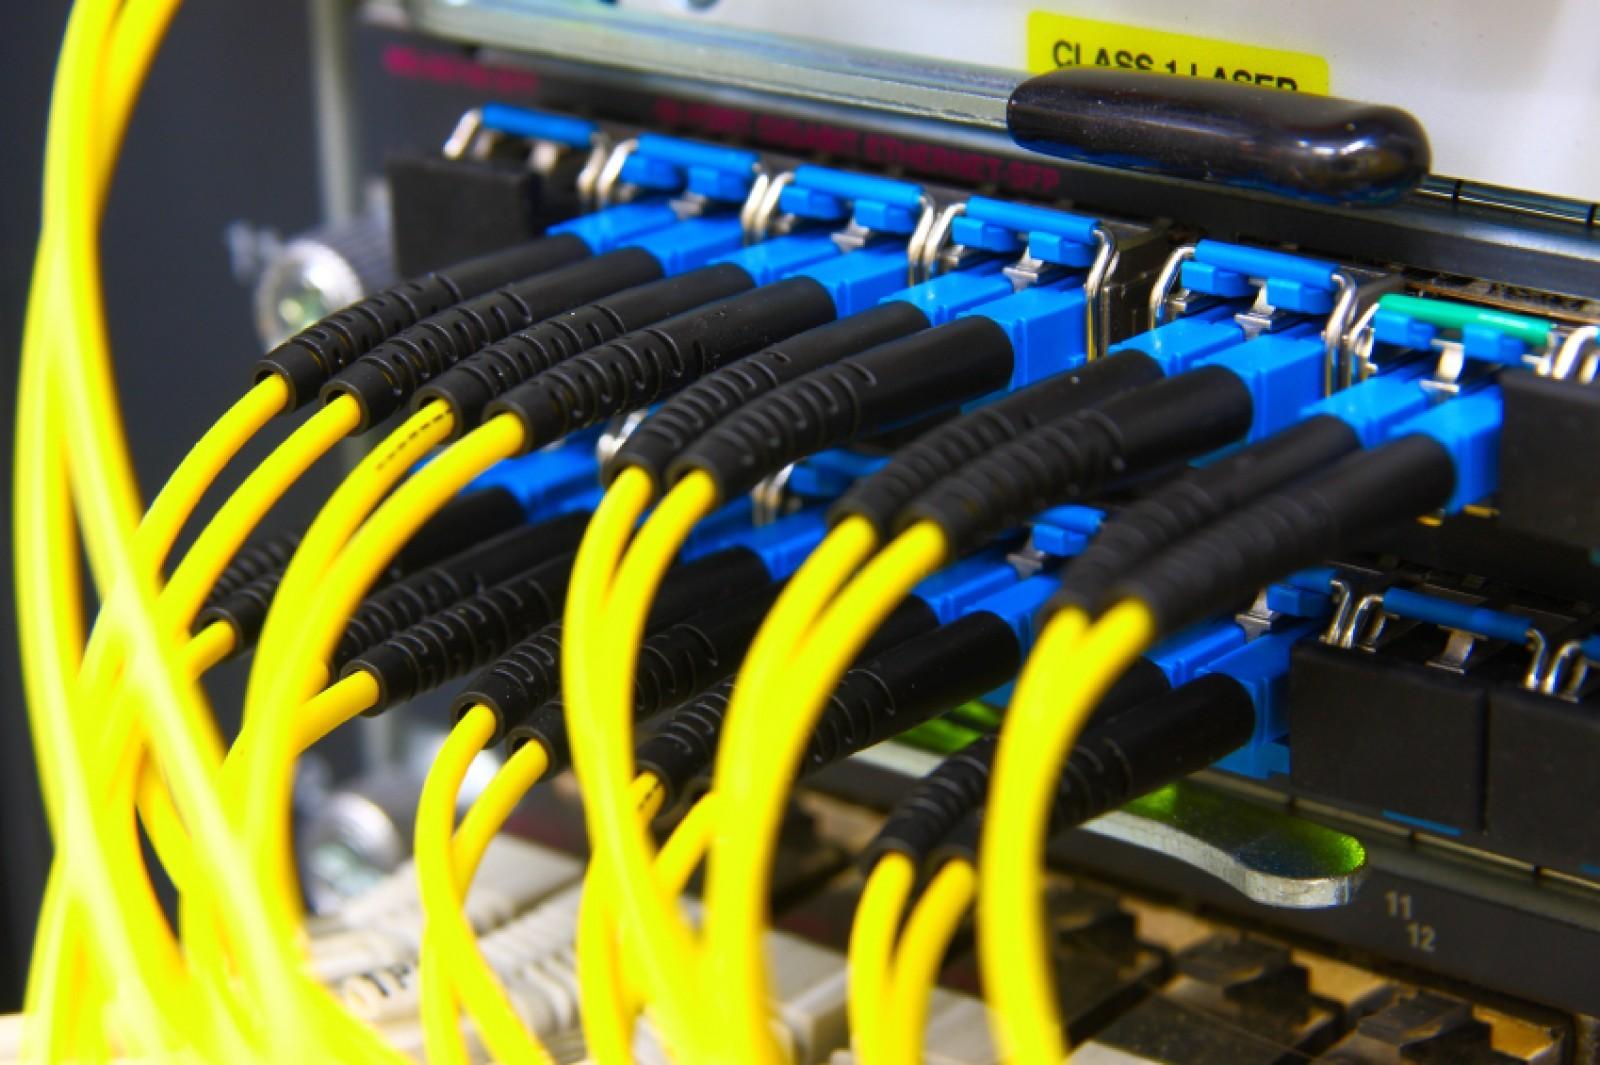 Интернет-кабели, подключенные к маршрутизатору